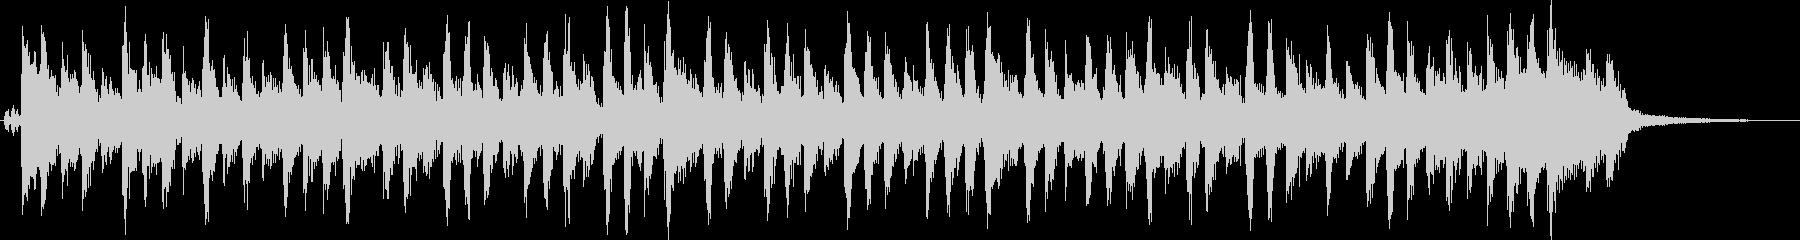 オールディーズ風のピアノロックの未再生の波形